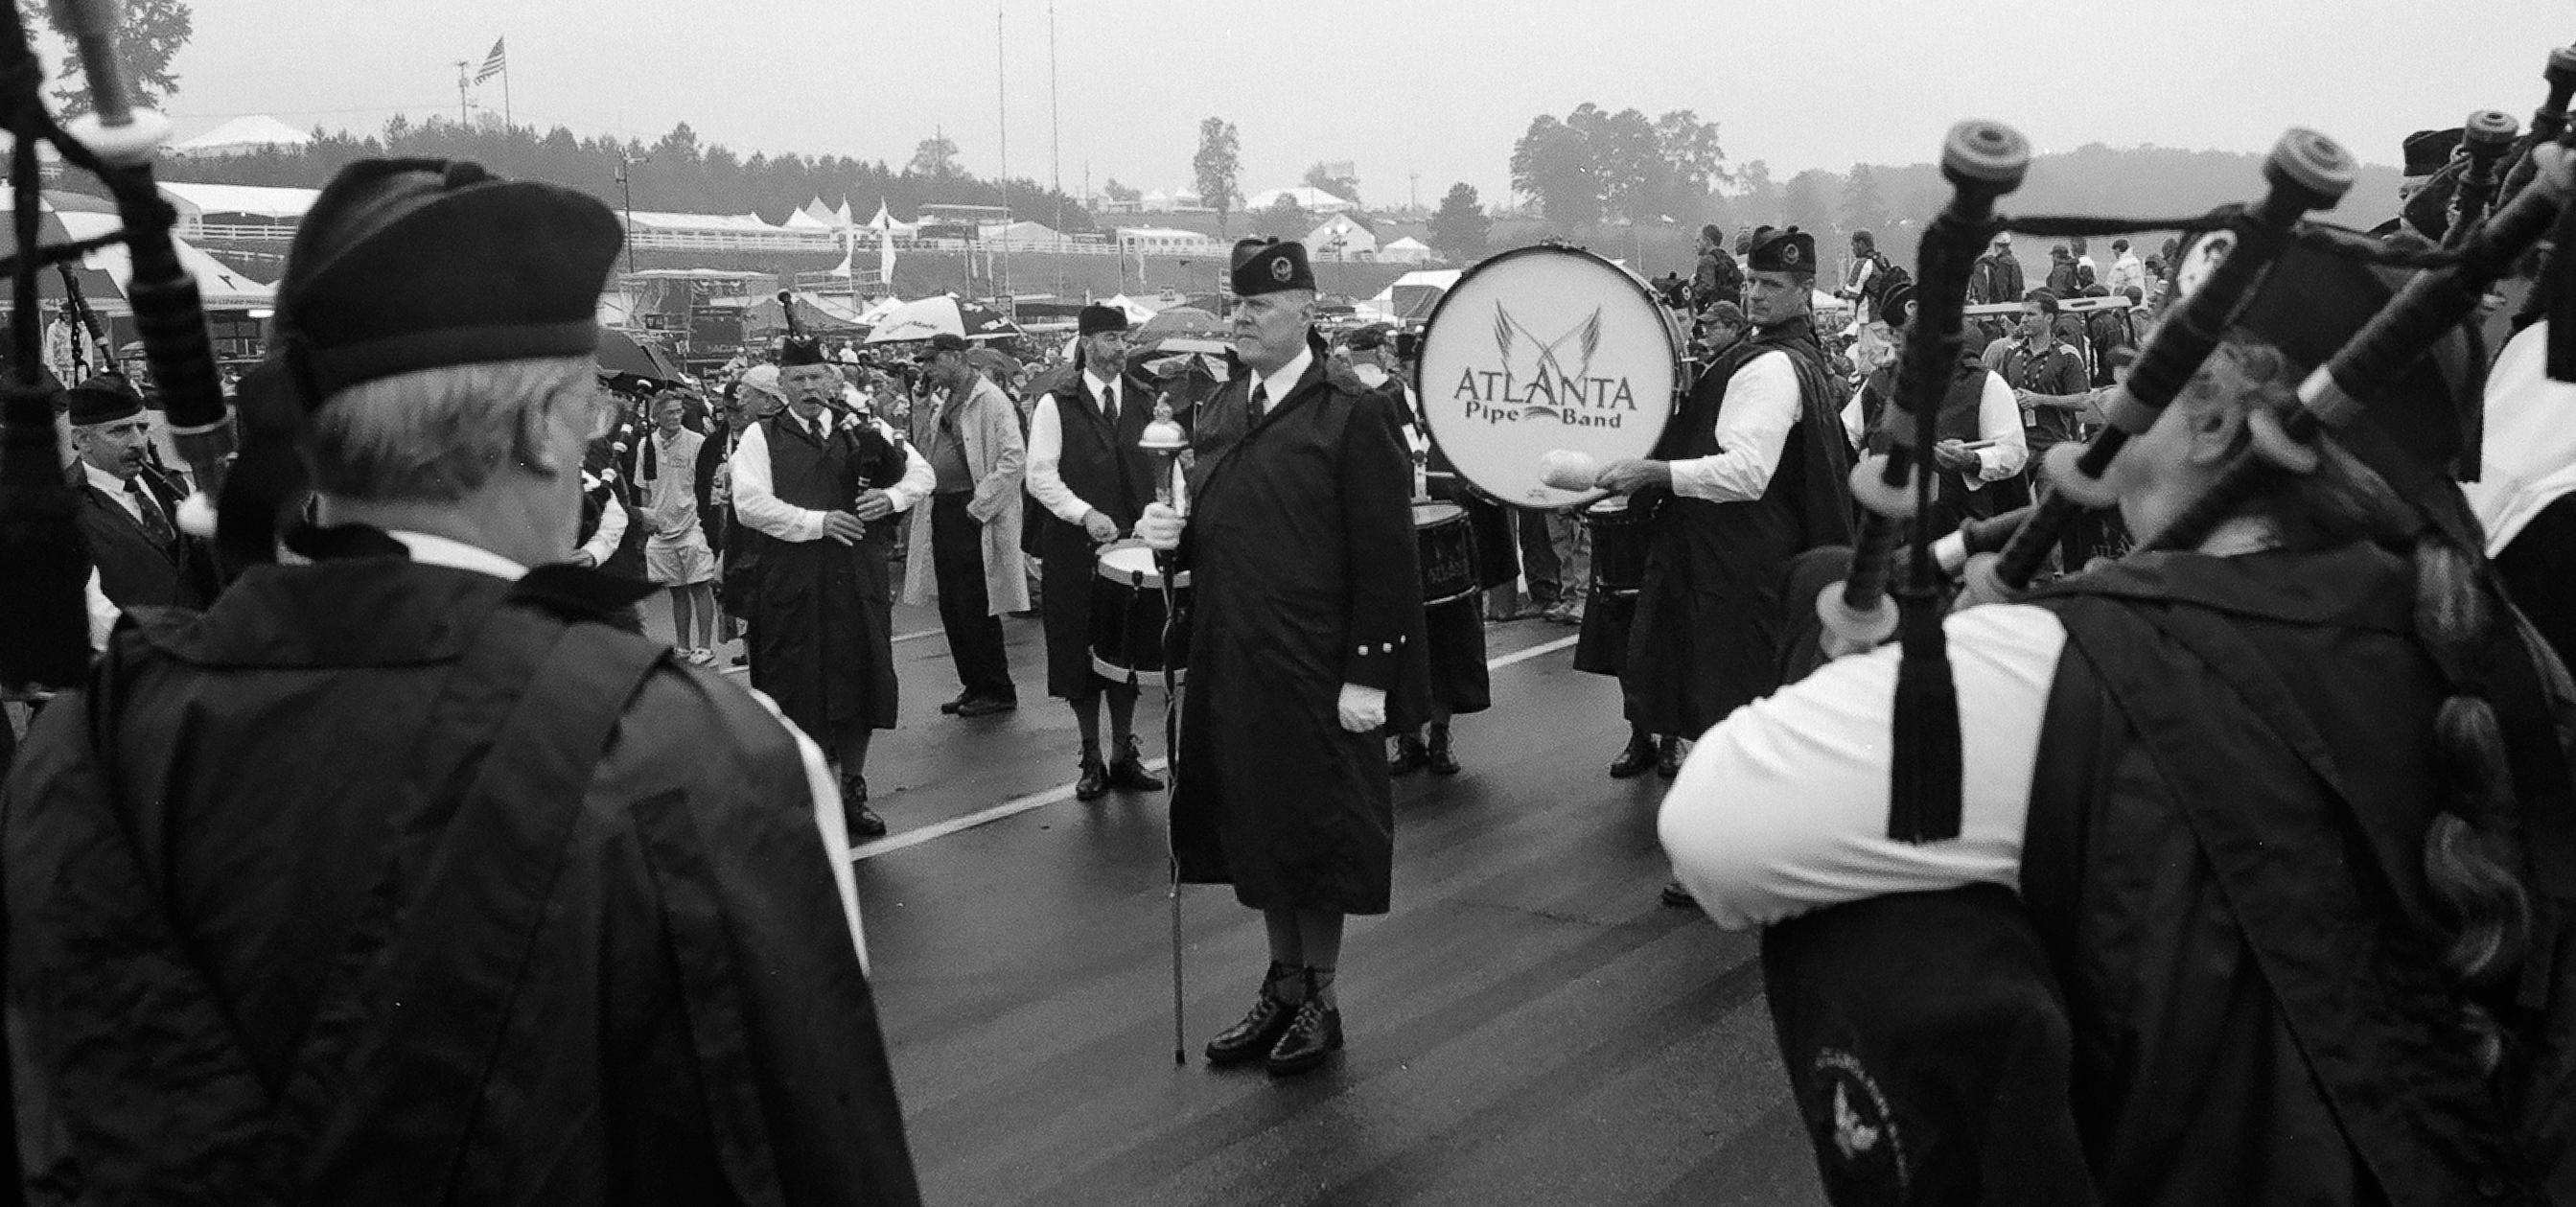 American Petit LeMans - the Atlanta Pipe Band. Nikon FA - Kodak CN400